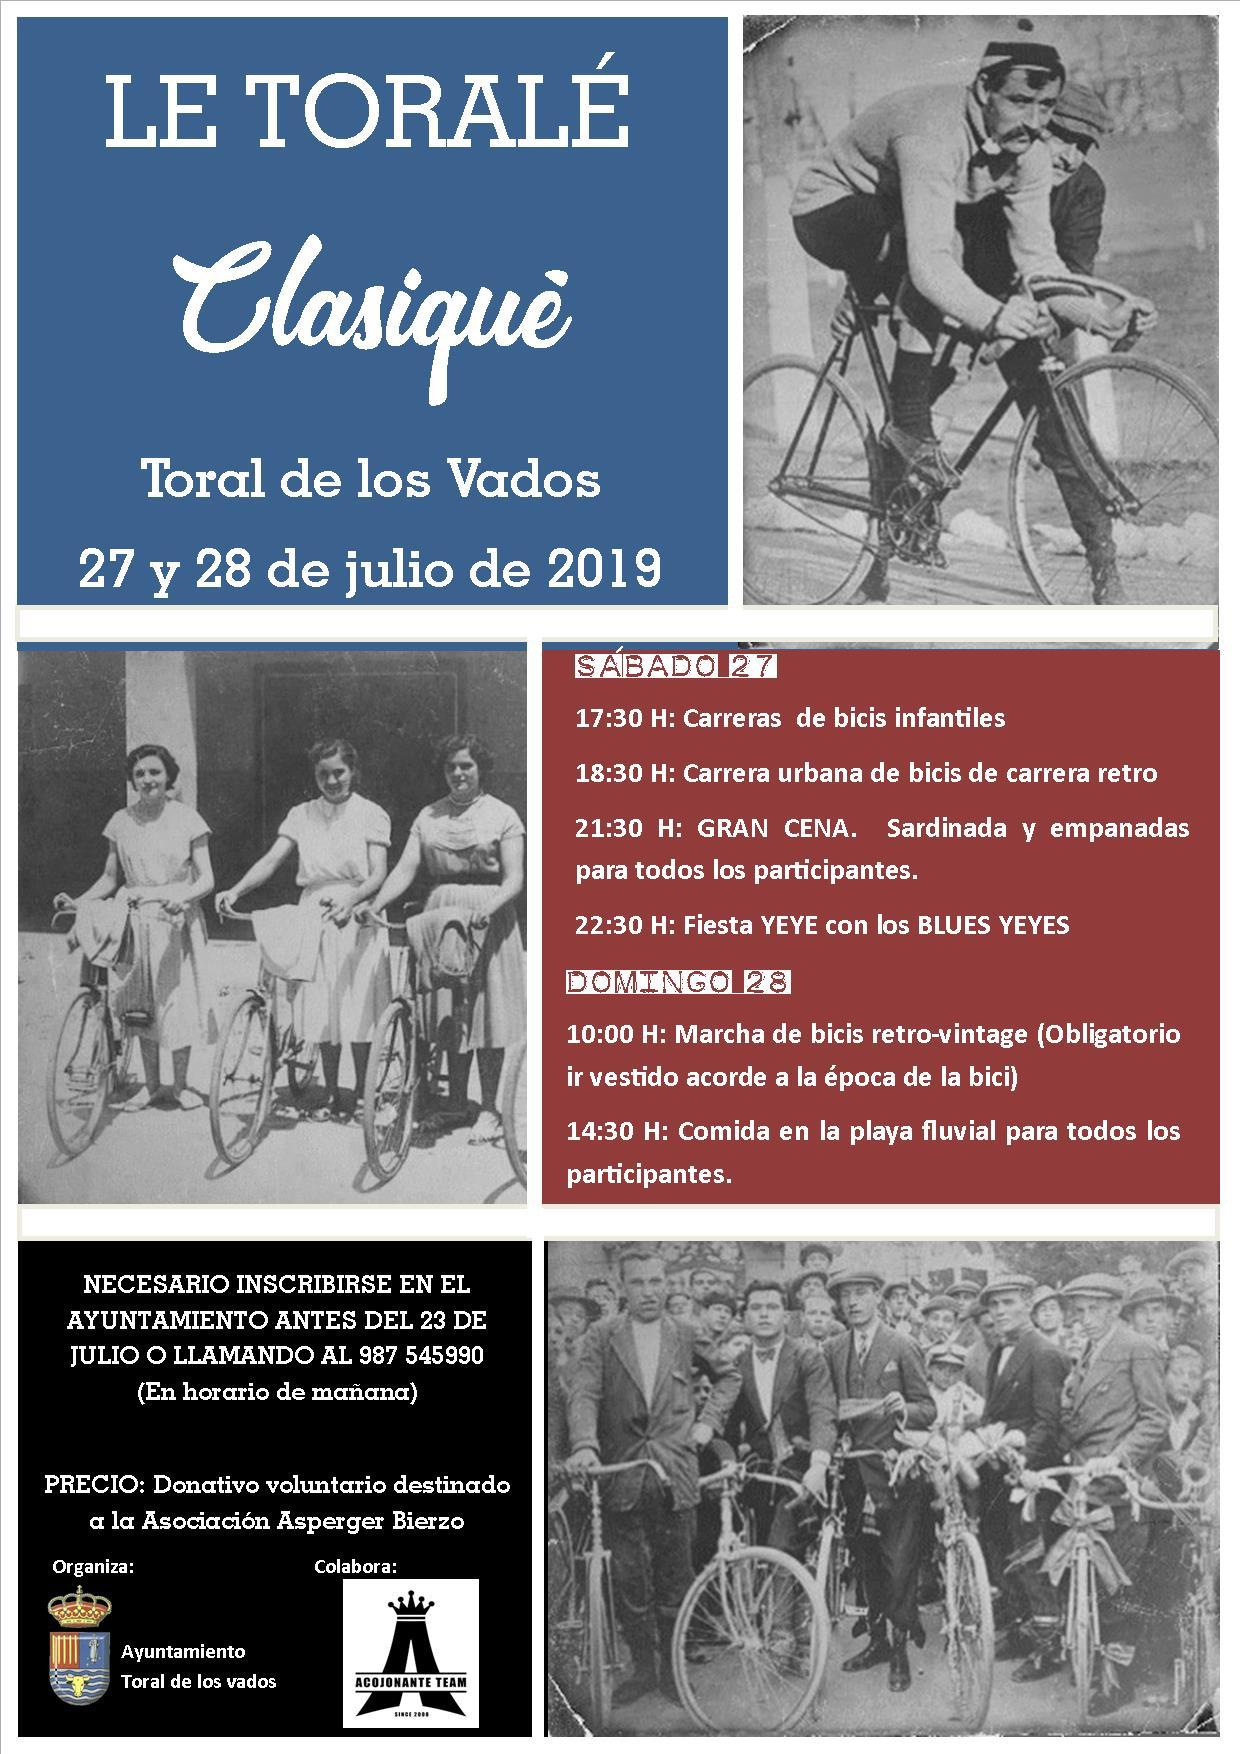 Le Torale Clasique 2019 de Toral de los Vados recupera las bicis de nuestros antepasados 1